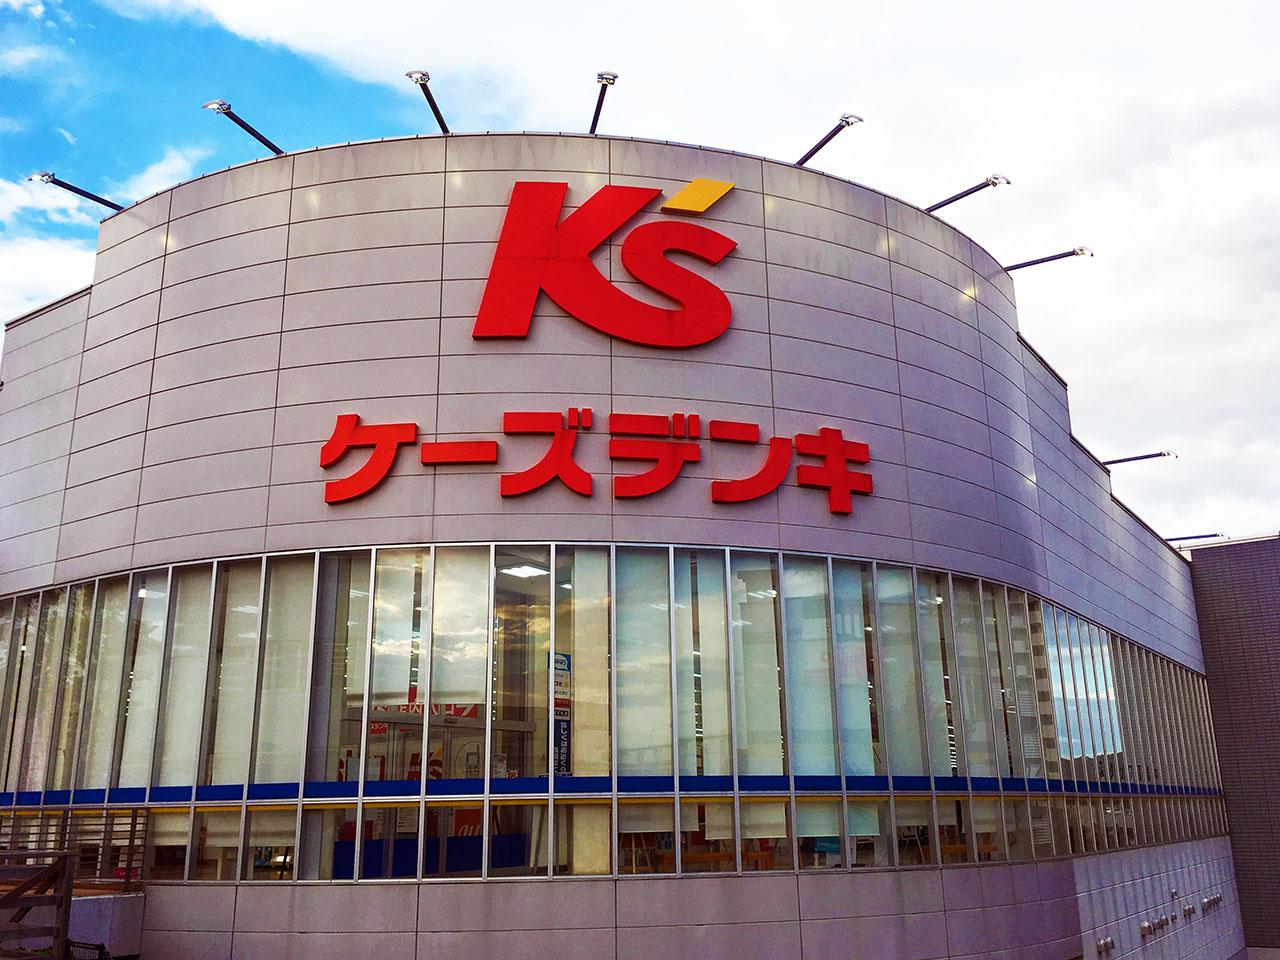 ひよこパソコン教室若葉台校が京王線若葉台スグのケーズデンキ若葉台内に2019年6月新規オープン